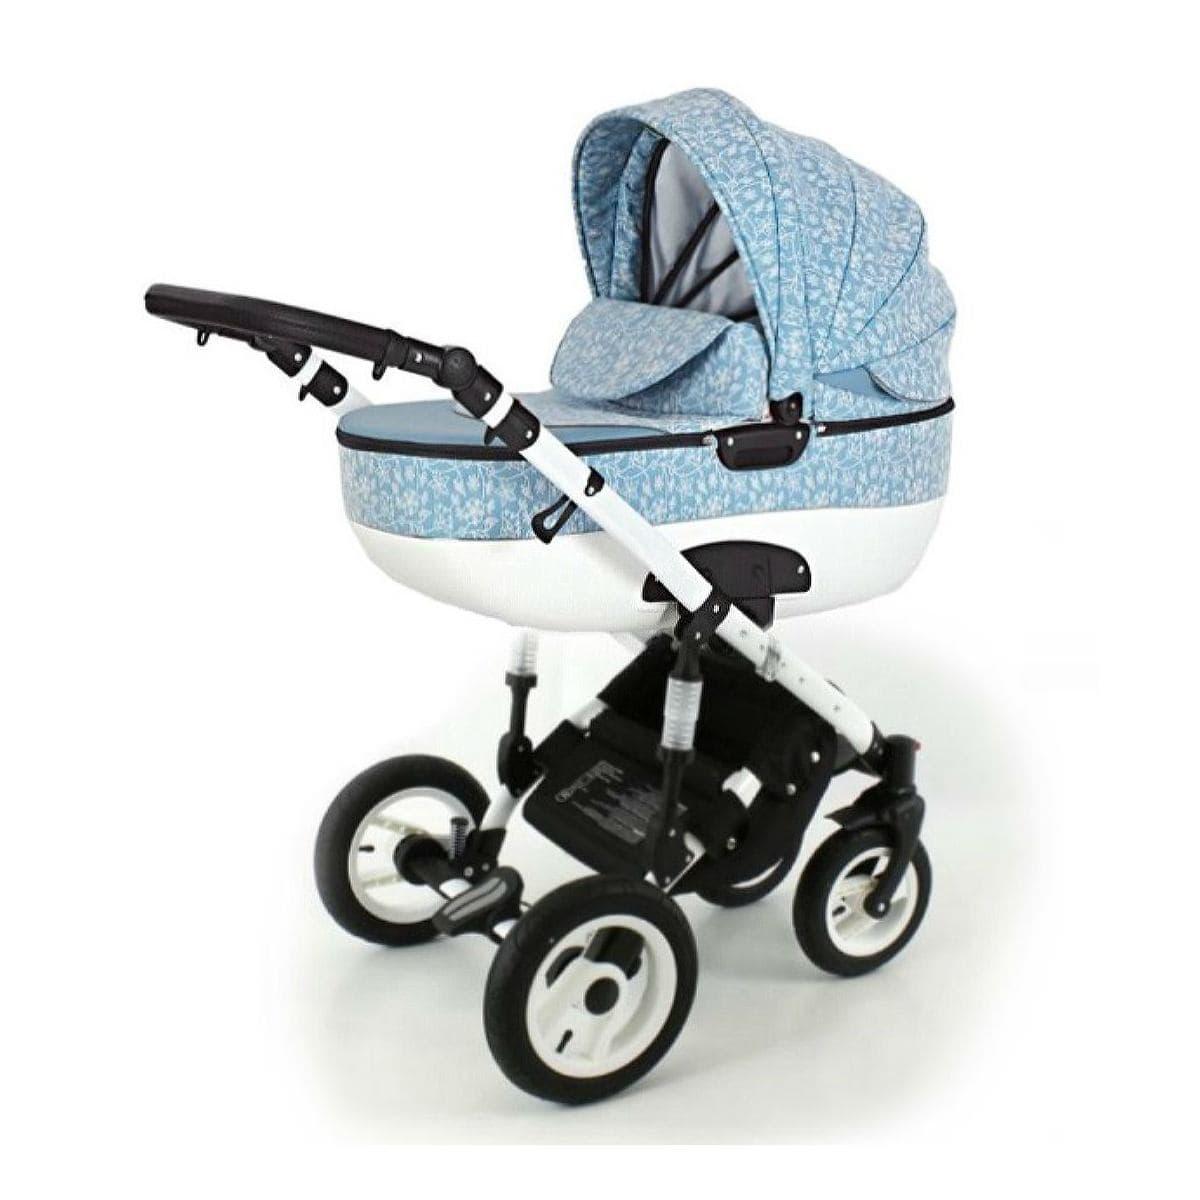 Бебешка количка 3в1 Zarra цвят:09